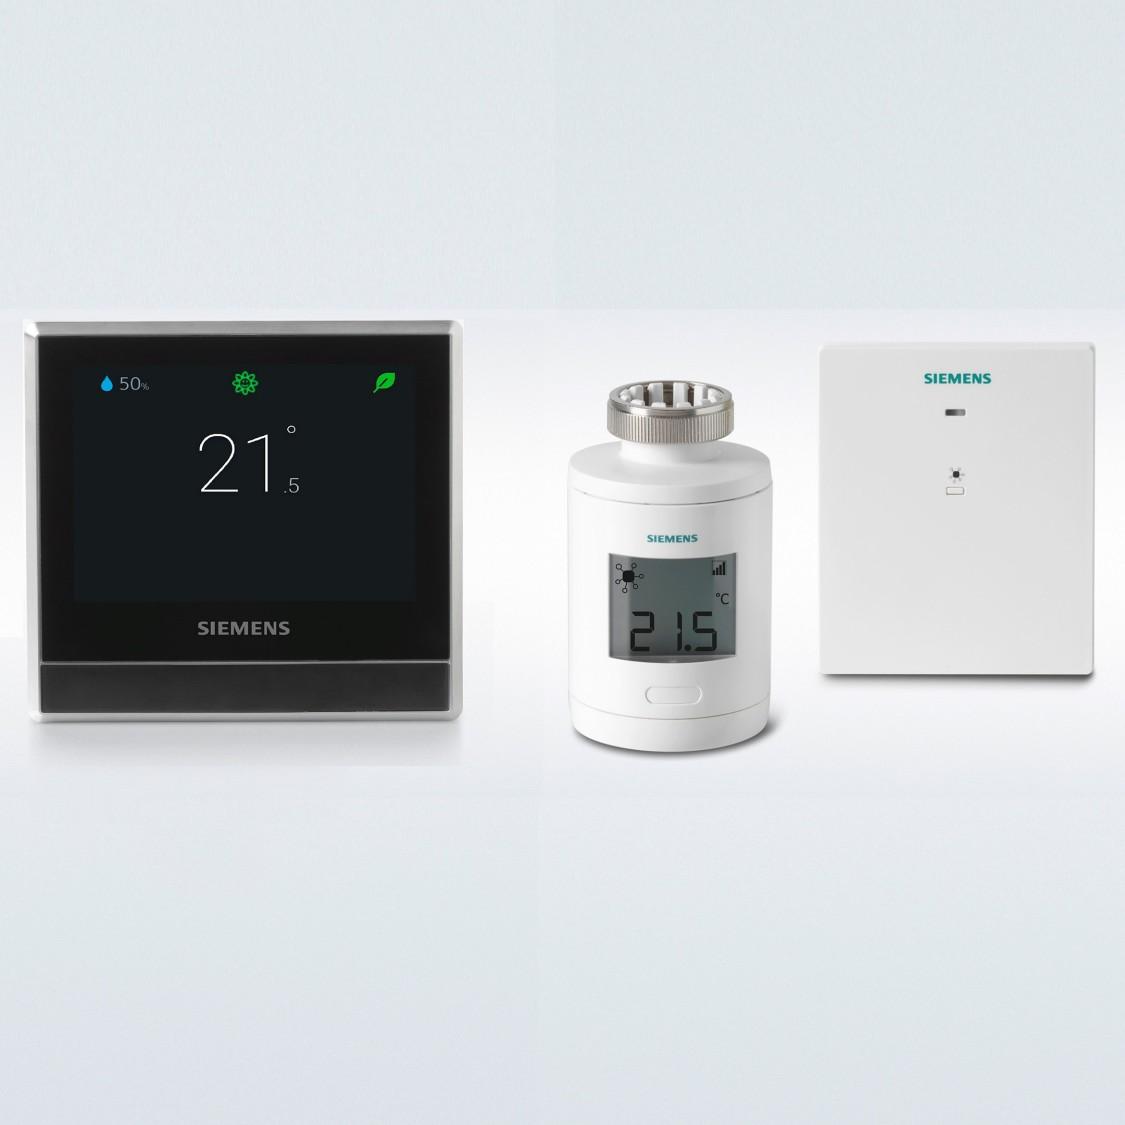 Chytrý termostat  RDS110.R  v kombinaci se spínací jednotkou a bezdrátovým servopohonem – periferní přístroje se objednávají samostatně.